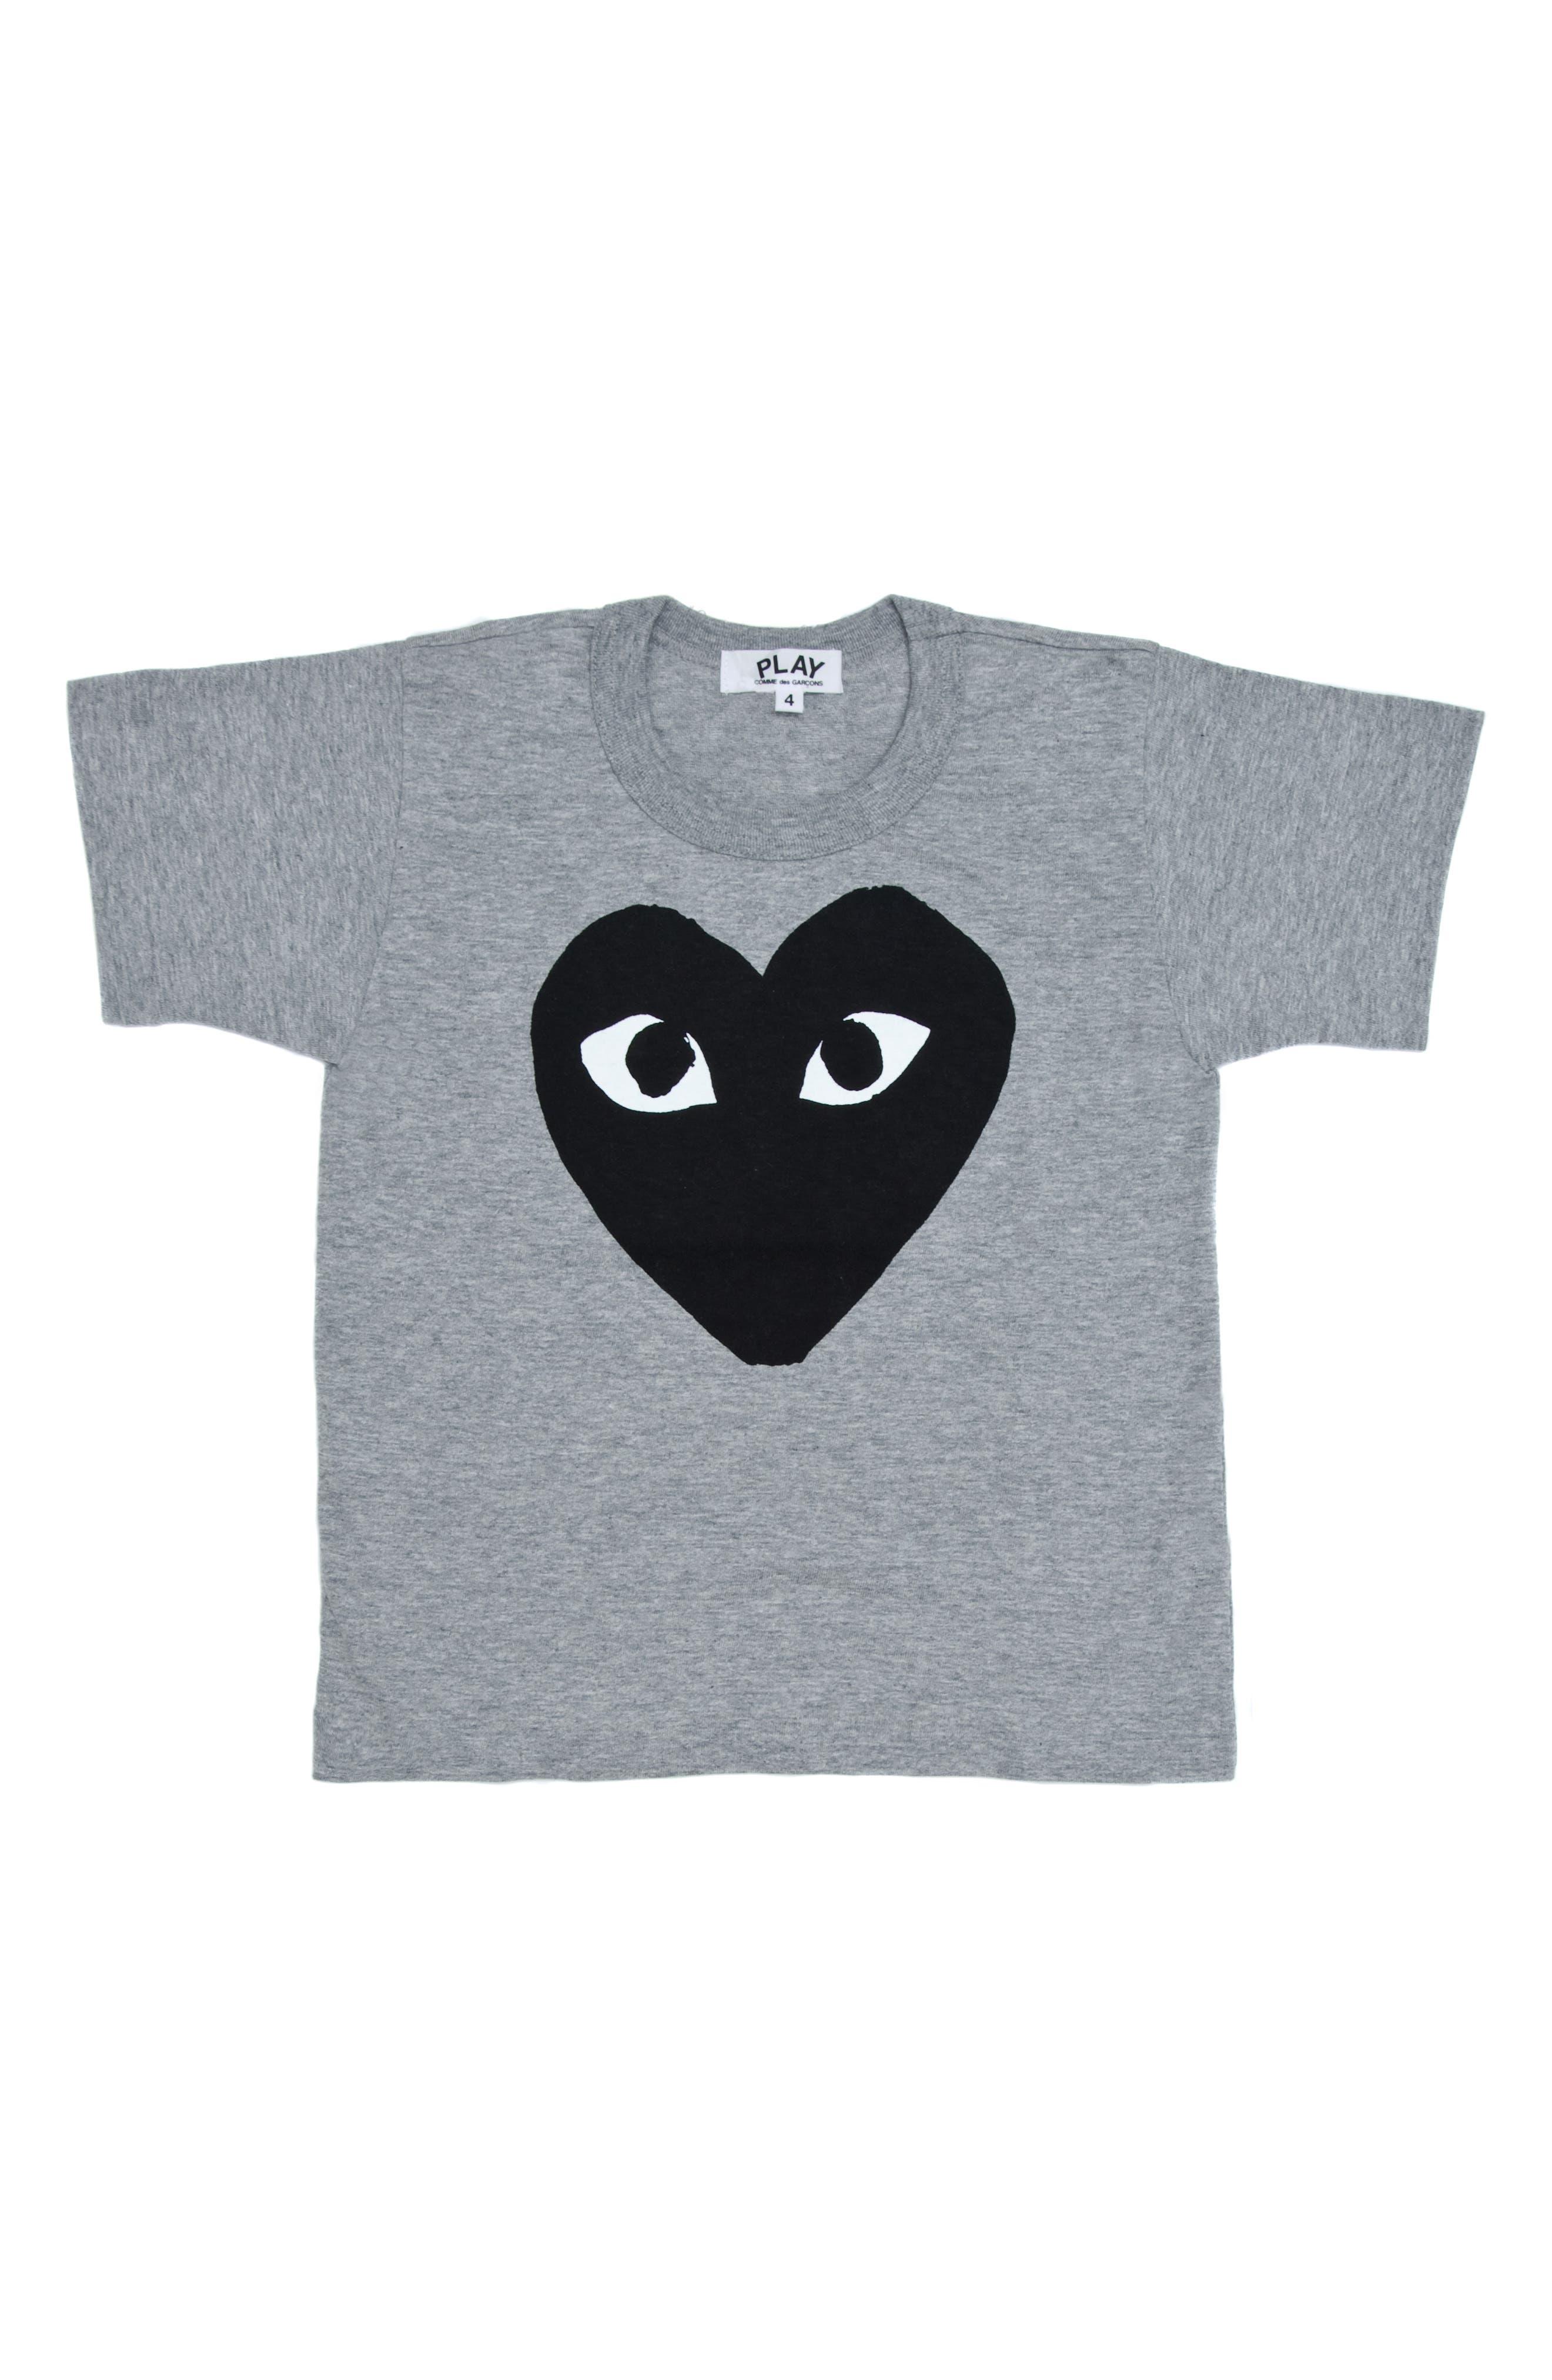 Comme de Garçons PLAY Black Heart Graphic T-Shirt,                             Main thumbnail 1, color,                             GREY